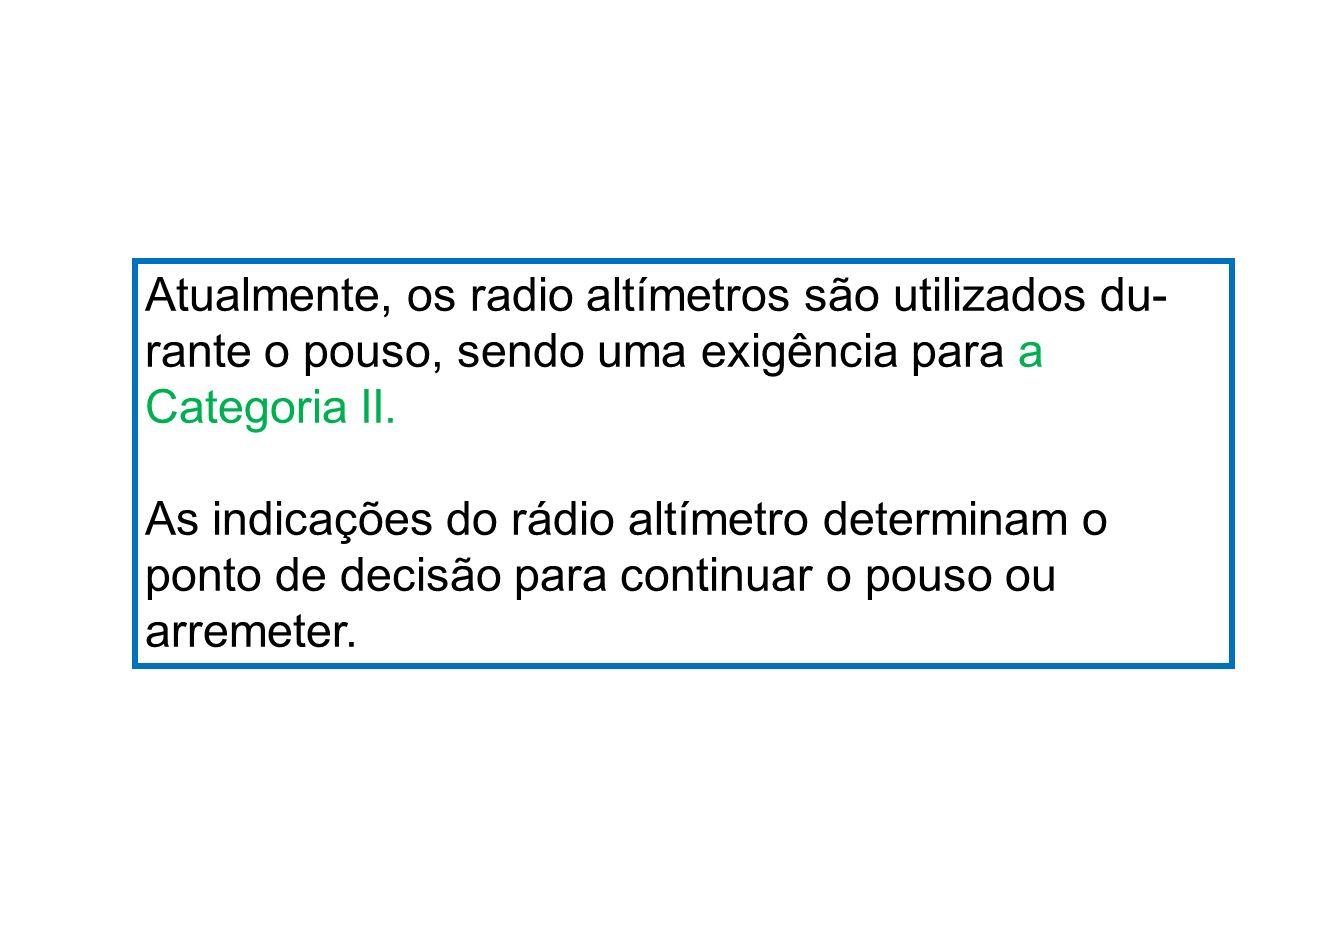 Atualmente, os radio altímetros são utilizados du-